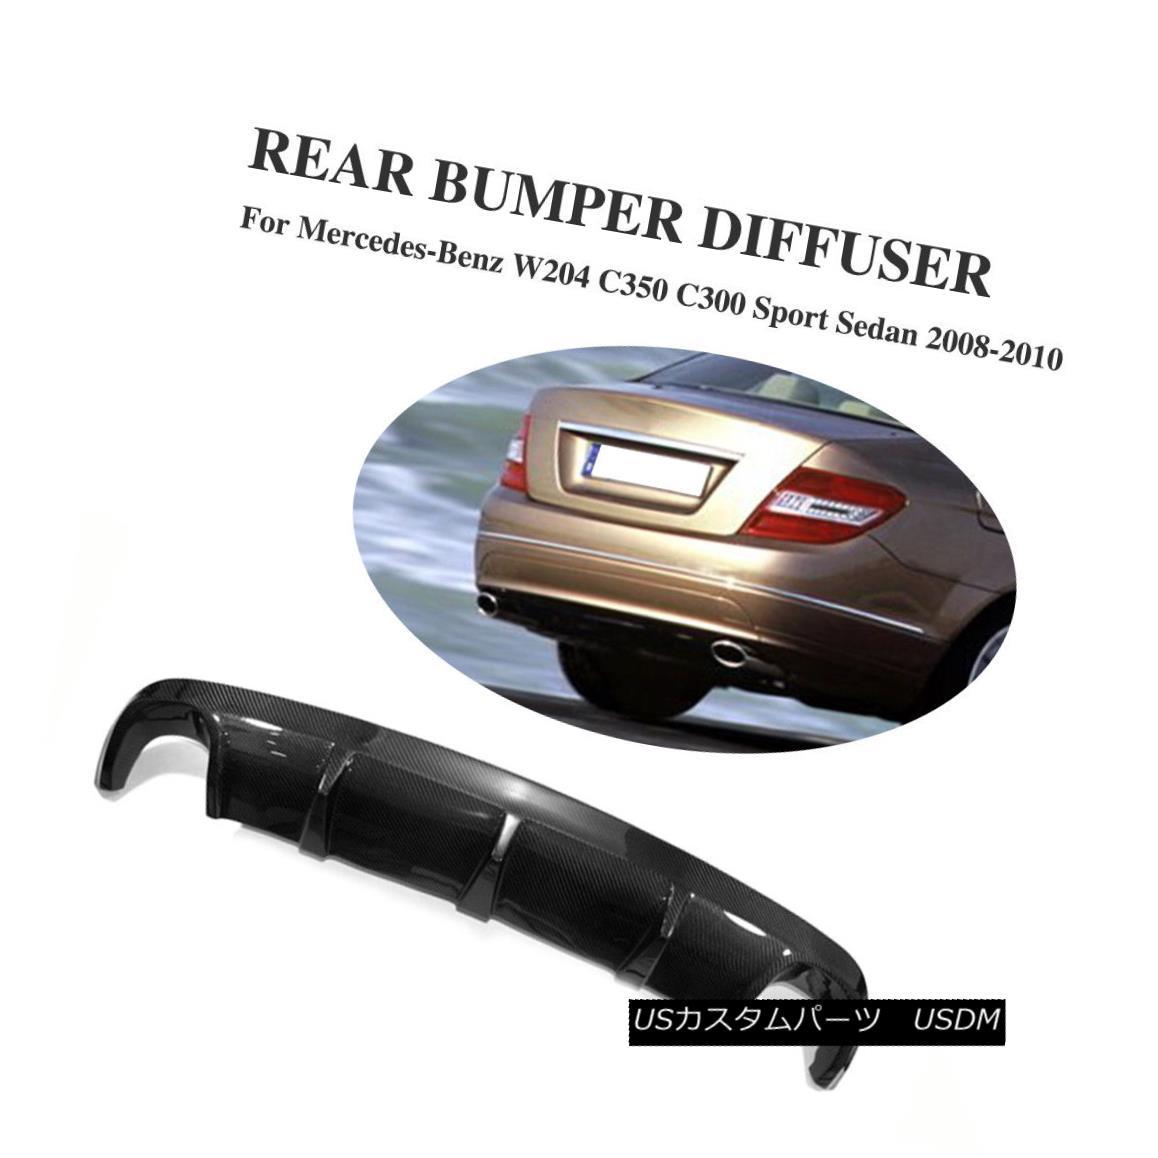 エアロパーツ Carbon Fiber Rear Bumper Diffuser Lip for Mercedes Benz W204 C300 C350 2008-2010 Mercedes Benz W204用カーボンファイバーリアバンパーディフューザーリップC300 C350 2008-2010